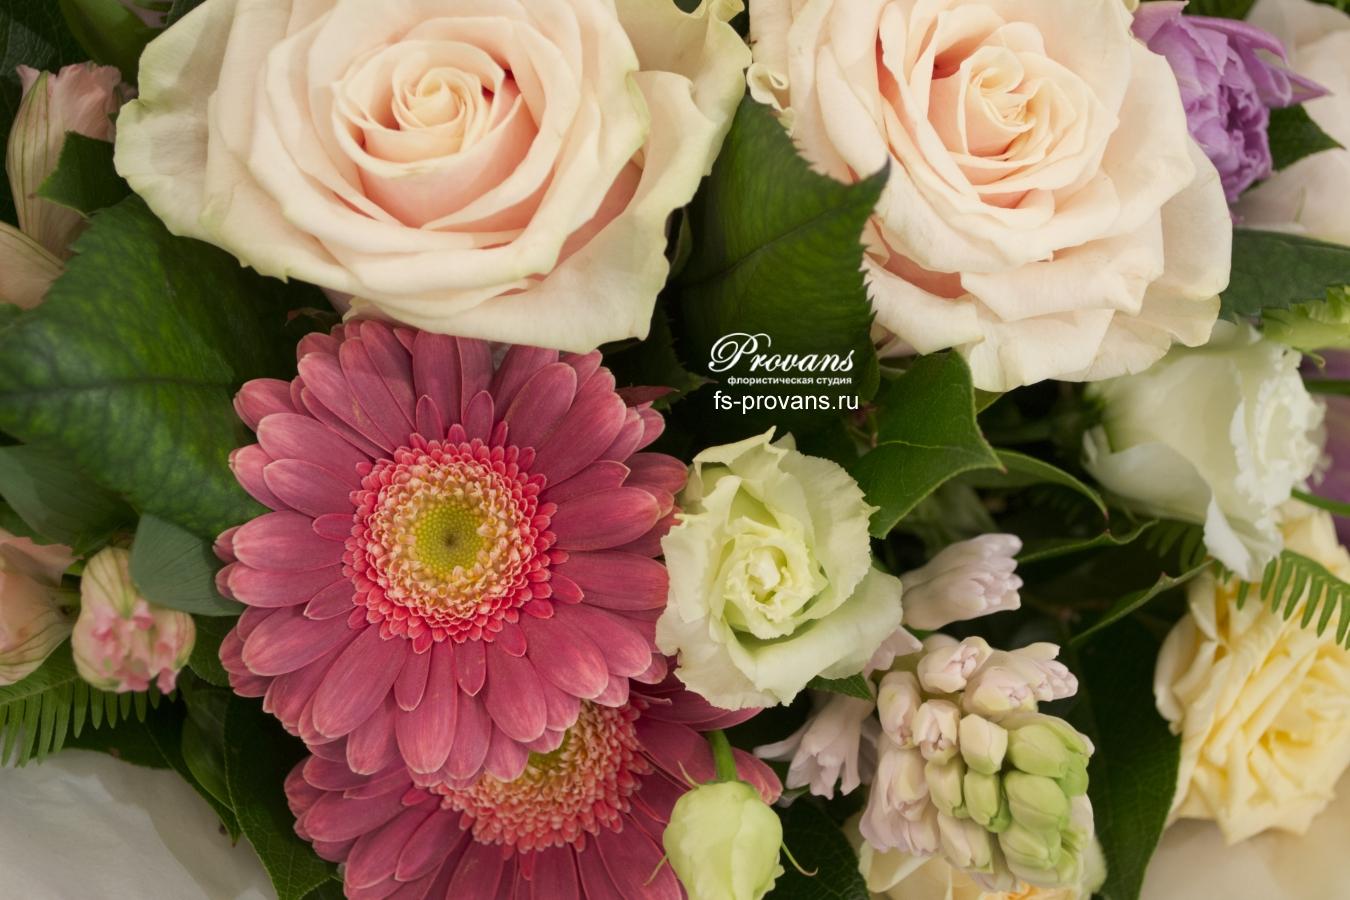 Букет на день рождения. Гербера, роза, эустома, гиацинт, лютики